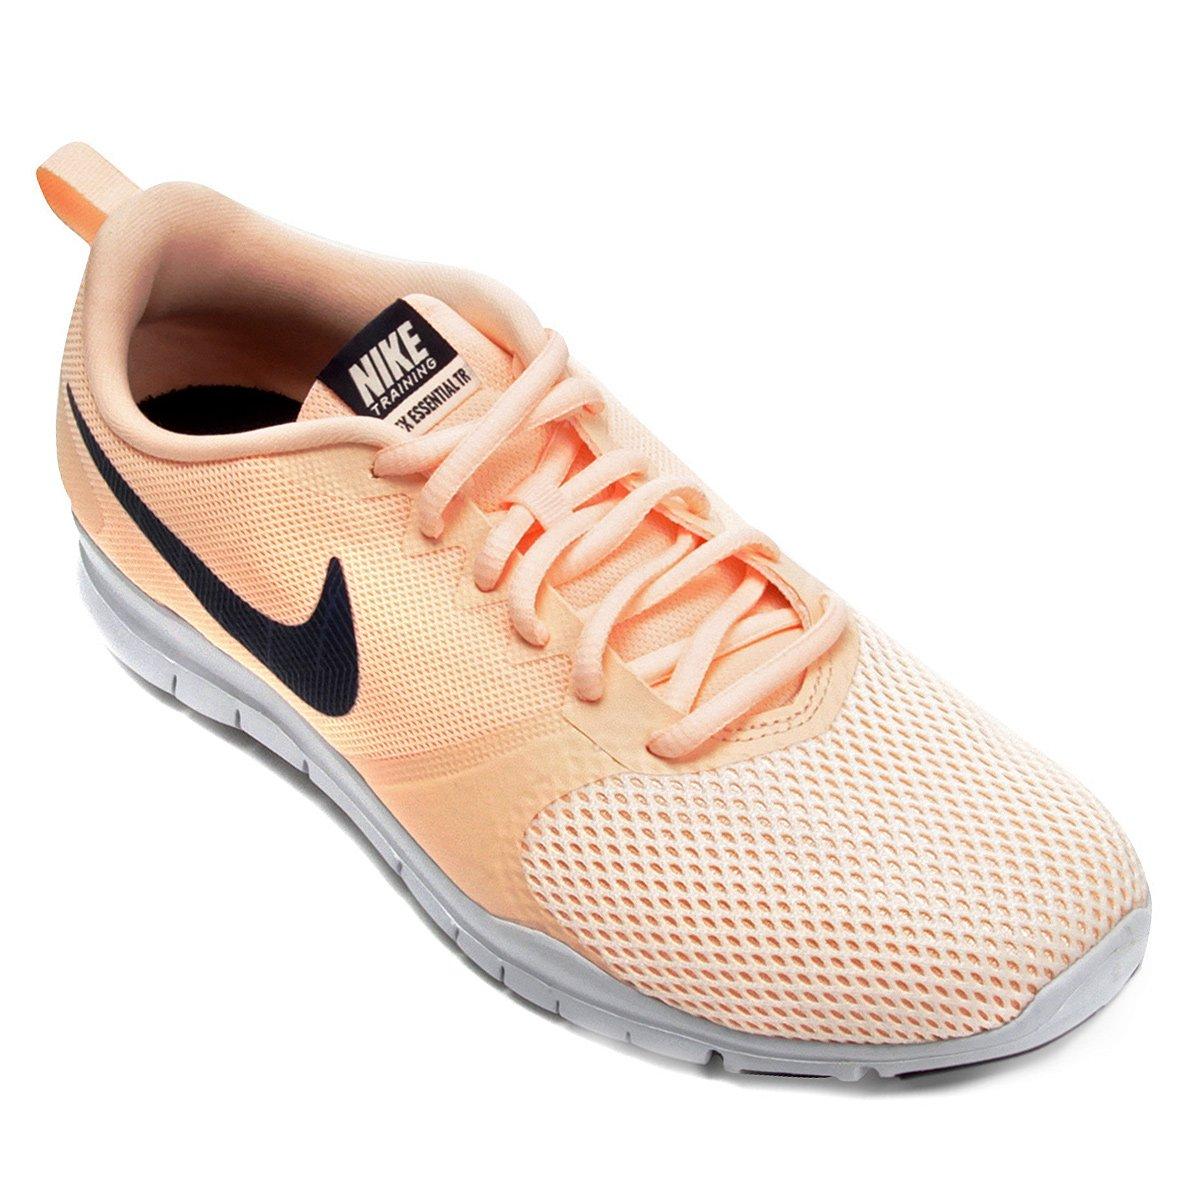 6a88314597 Tênis Nike Flex Essential TR Feminino - Salmão - Compre Agora